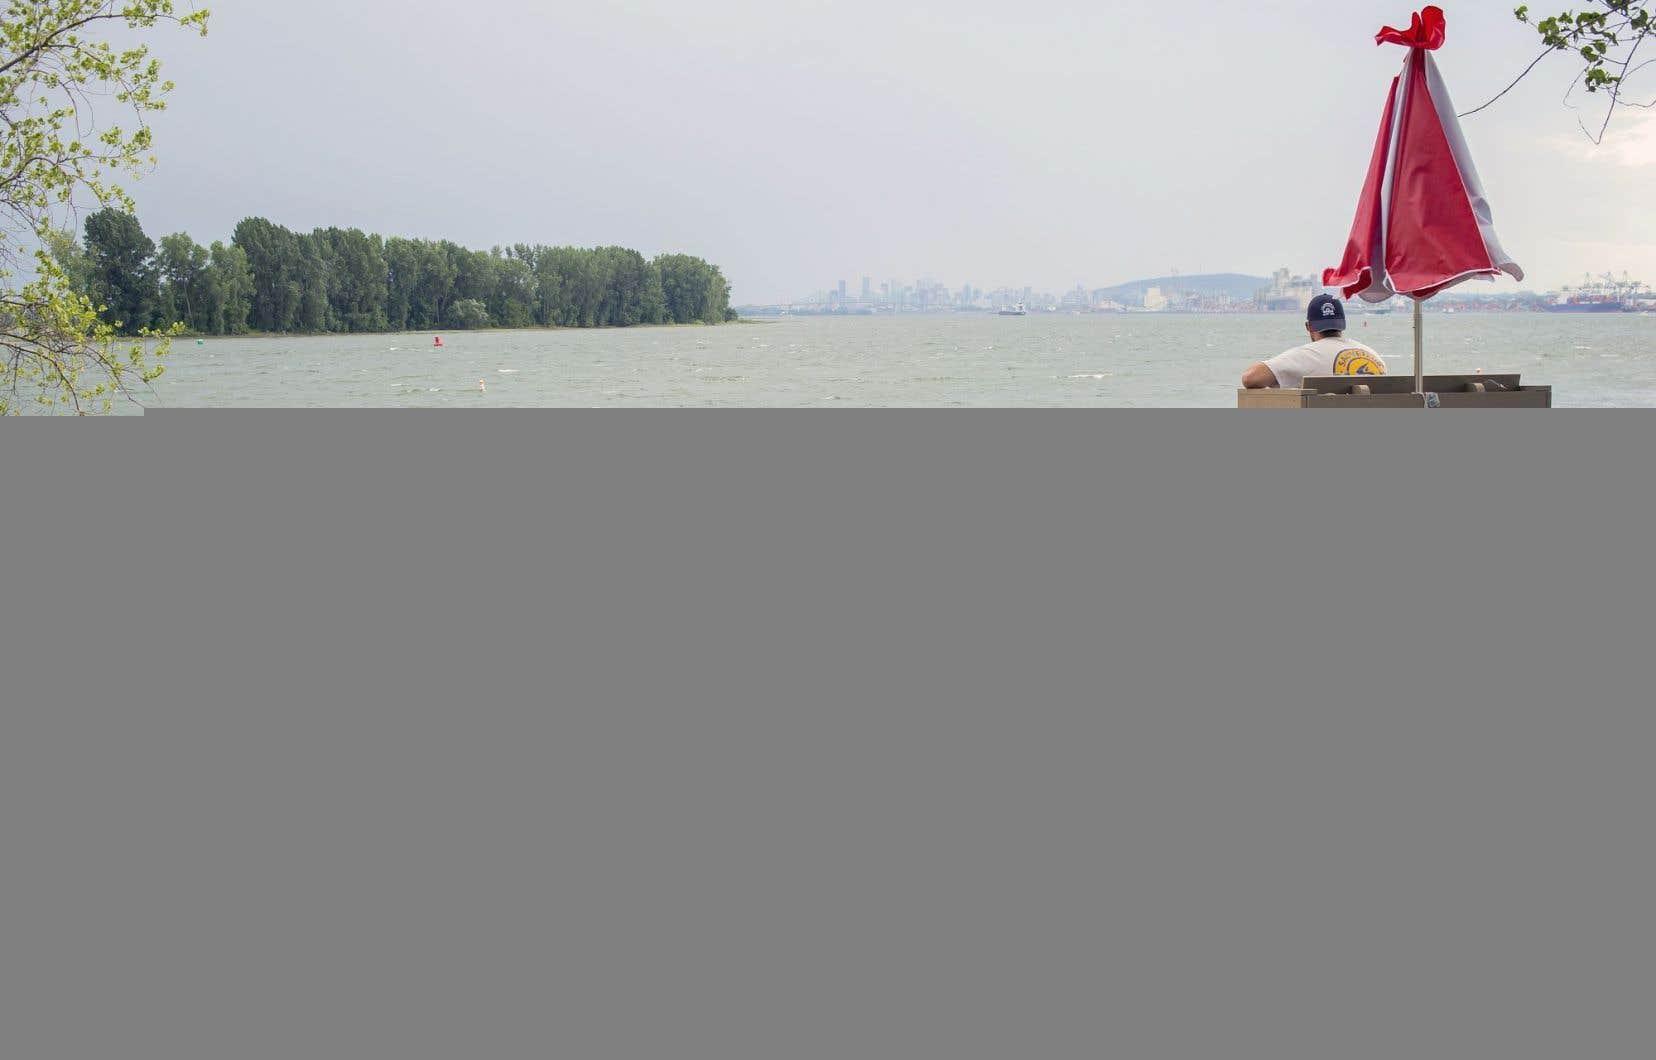 La plage municipale de Longueuil, au parc de l'Île-Charron, accueillait ses premiers visiteurs jeudi, entre deux averses de pluie. Initialement prévue pour la fin juin, son ouverture a été retardée par l'importante montée des eaux à la suite des inondations printanières.